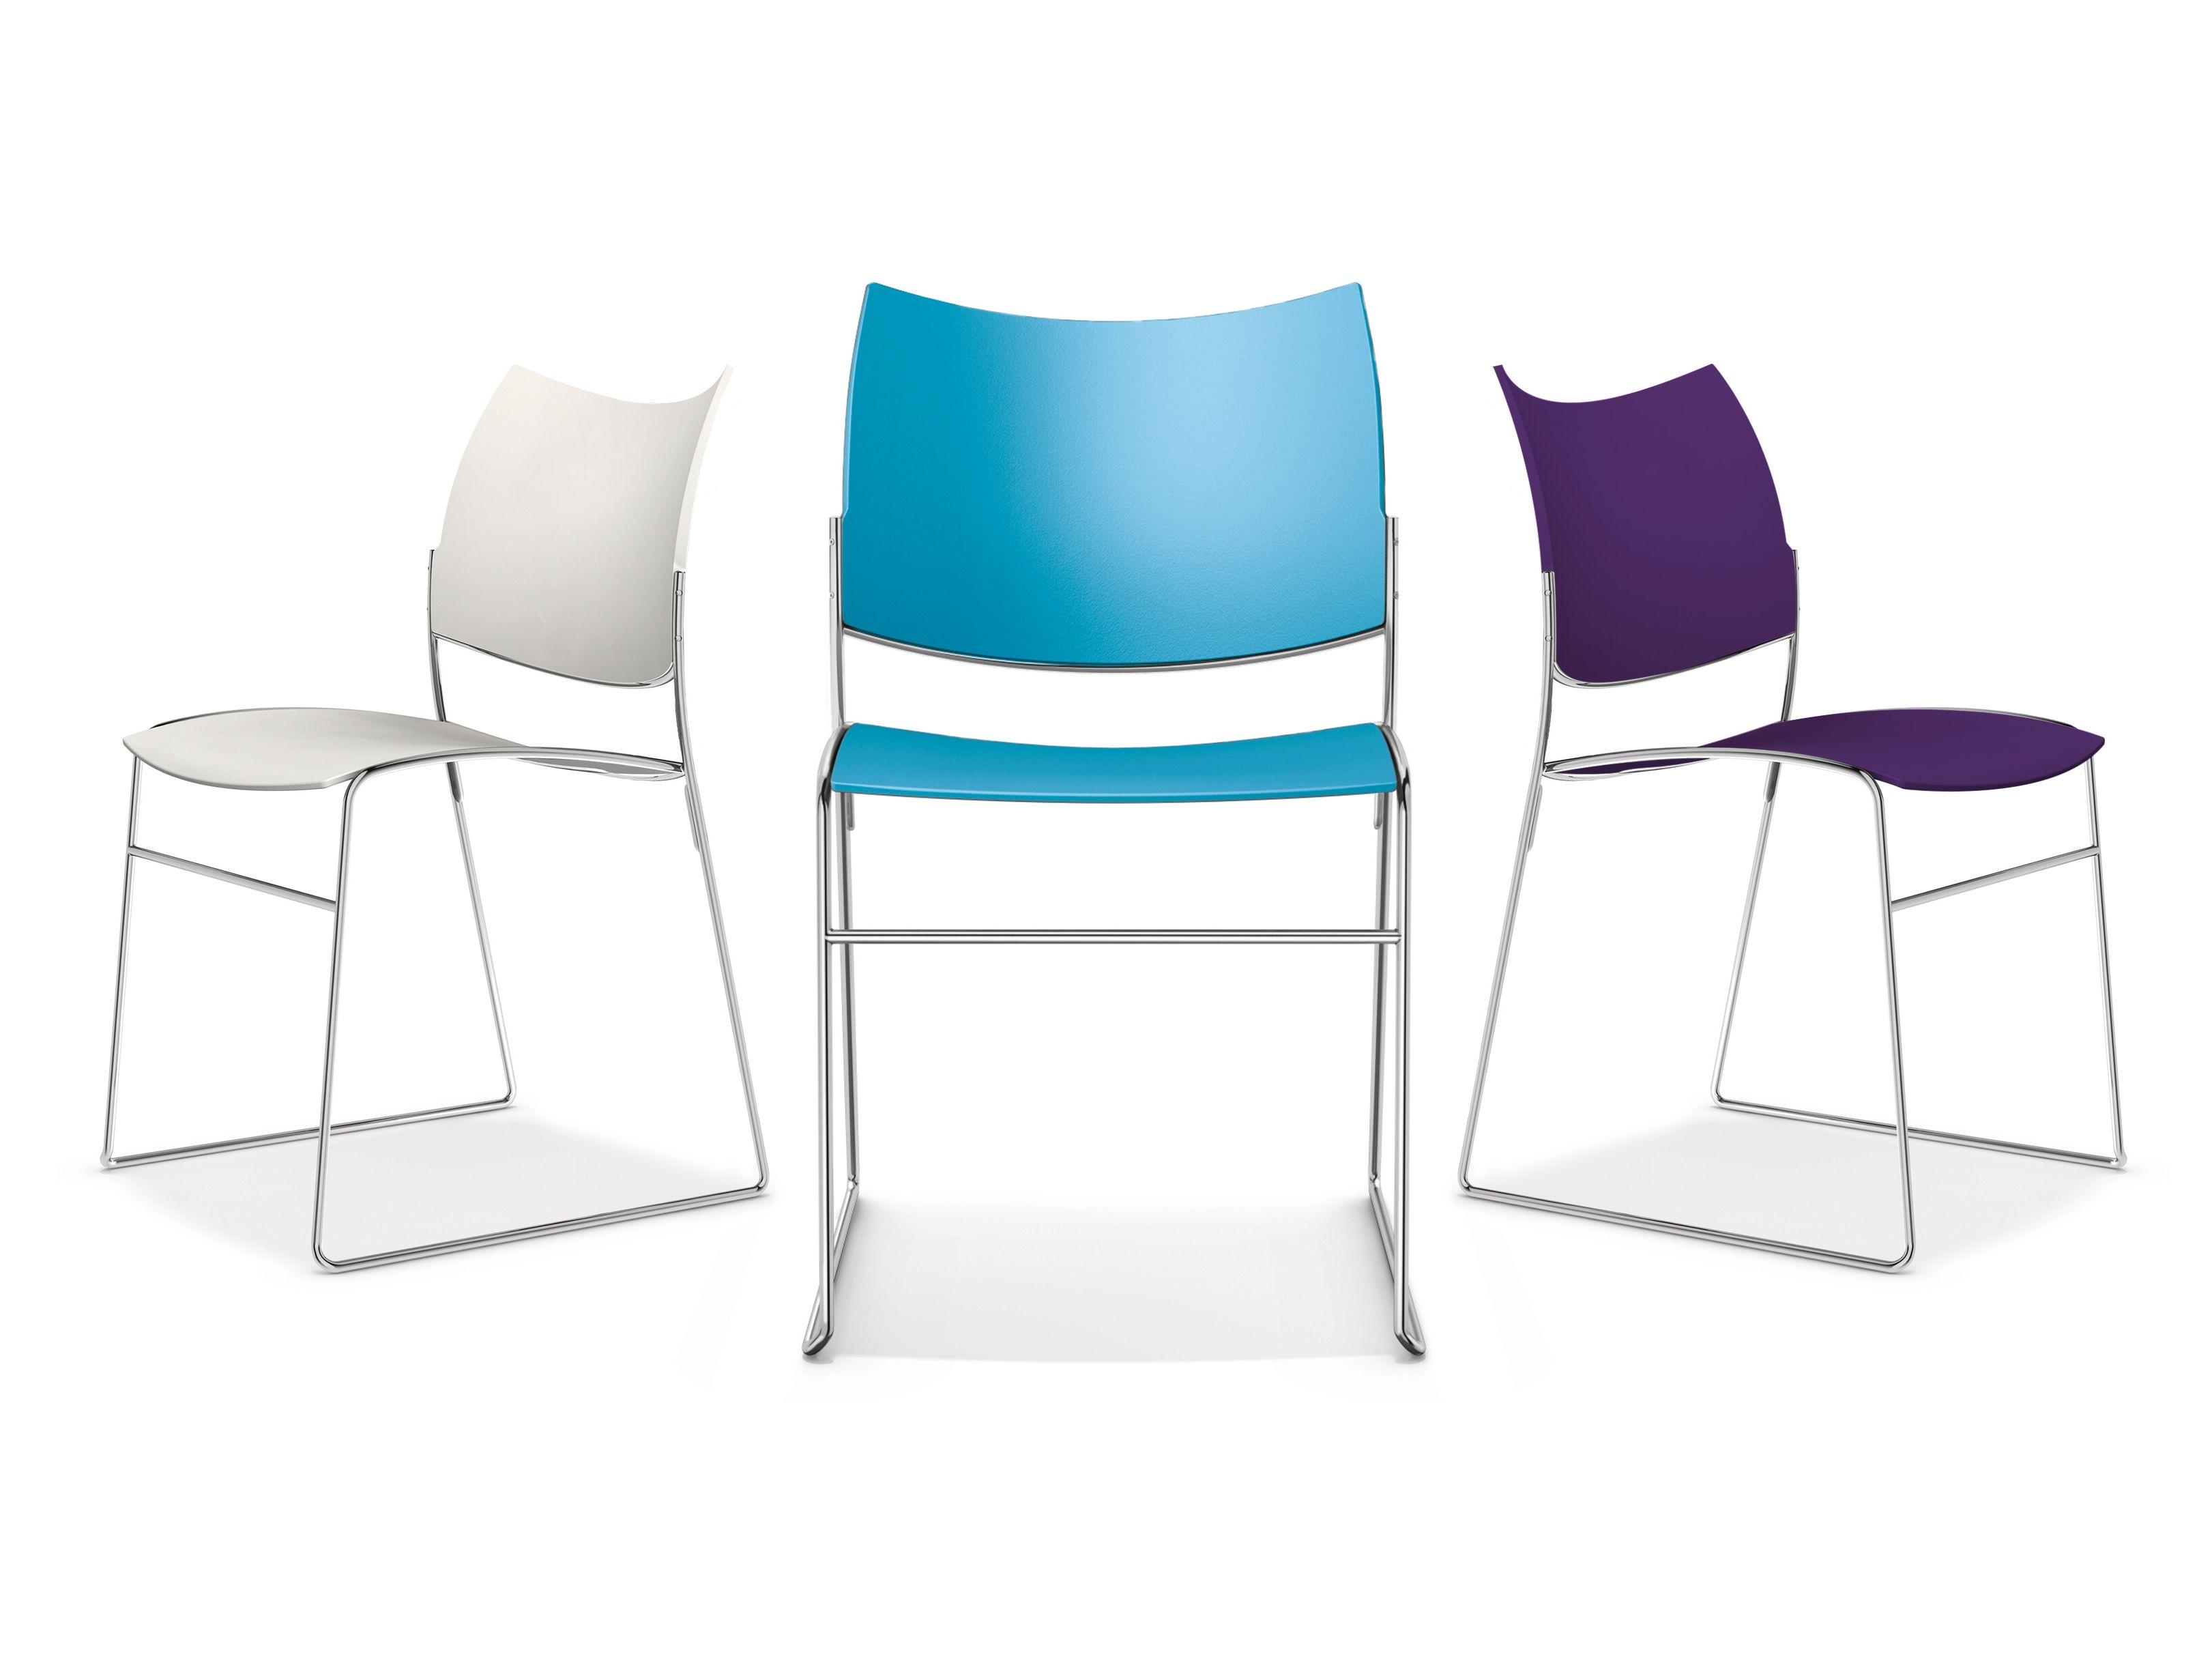 curvy stuhl aus kunststoff by casala design sigurd rothe. Black Bedroom Furniture Sets. Home Design Ideas